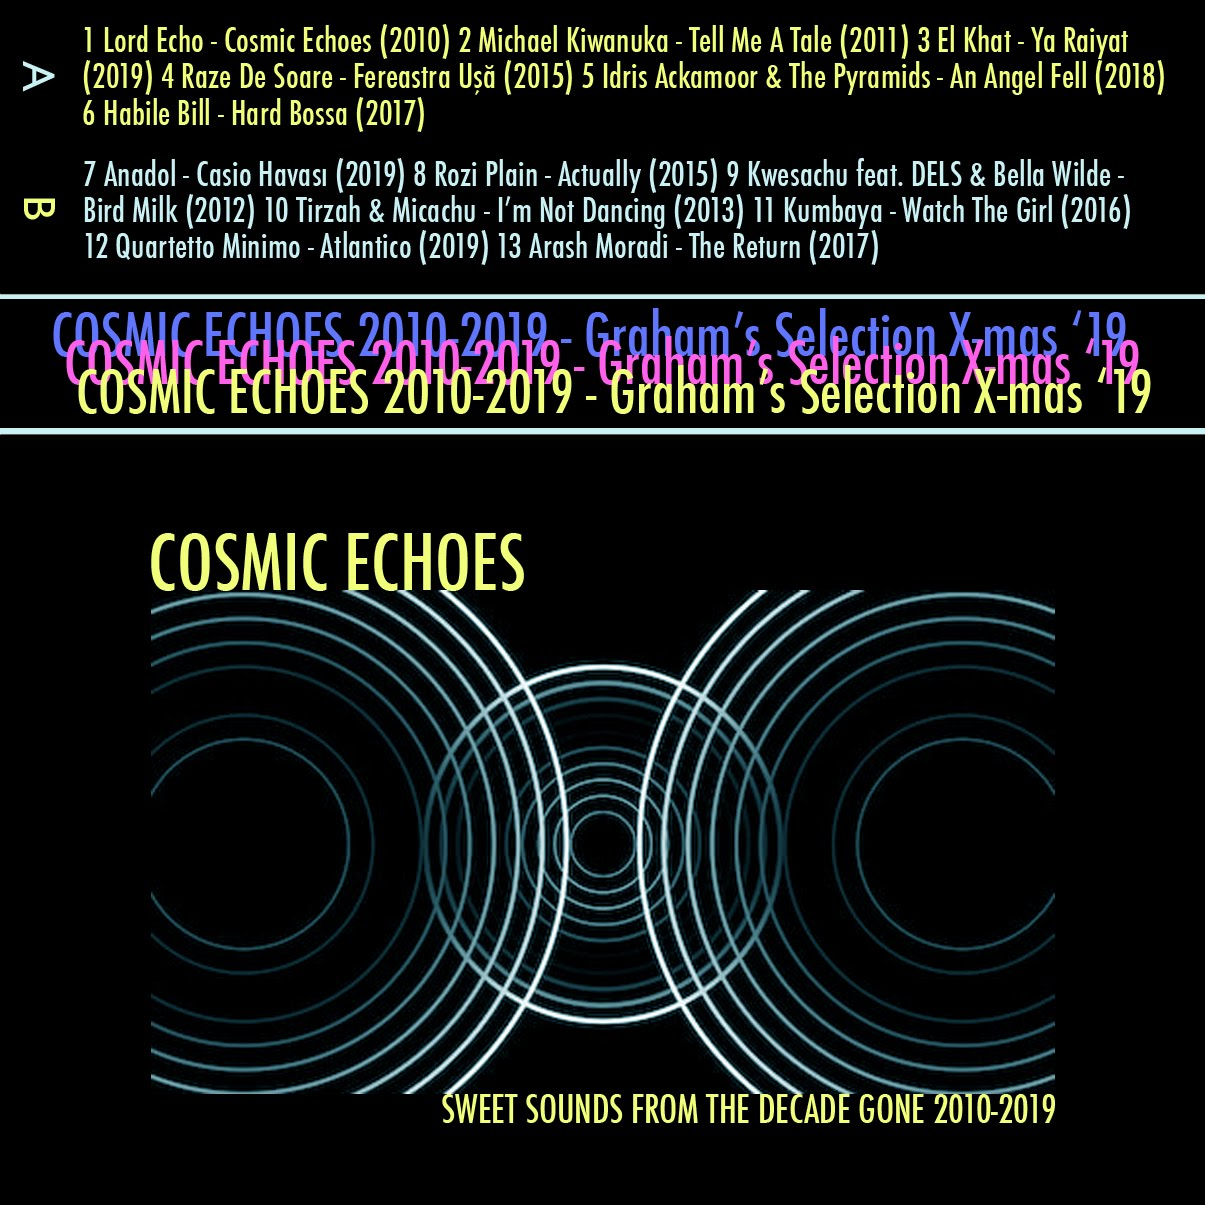 GRHM#16 - COSMIC ECHOES